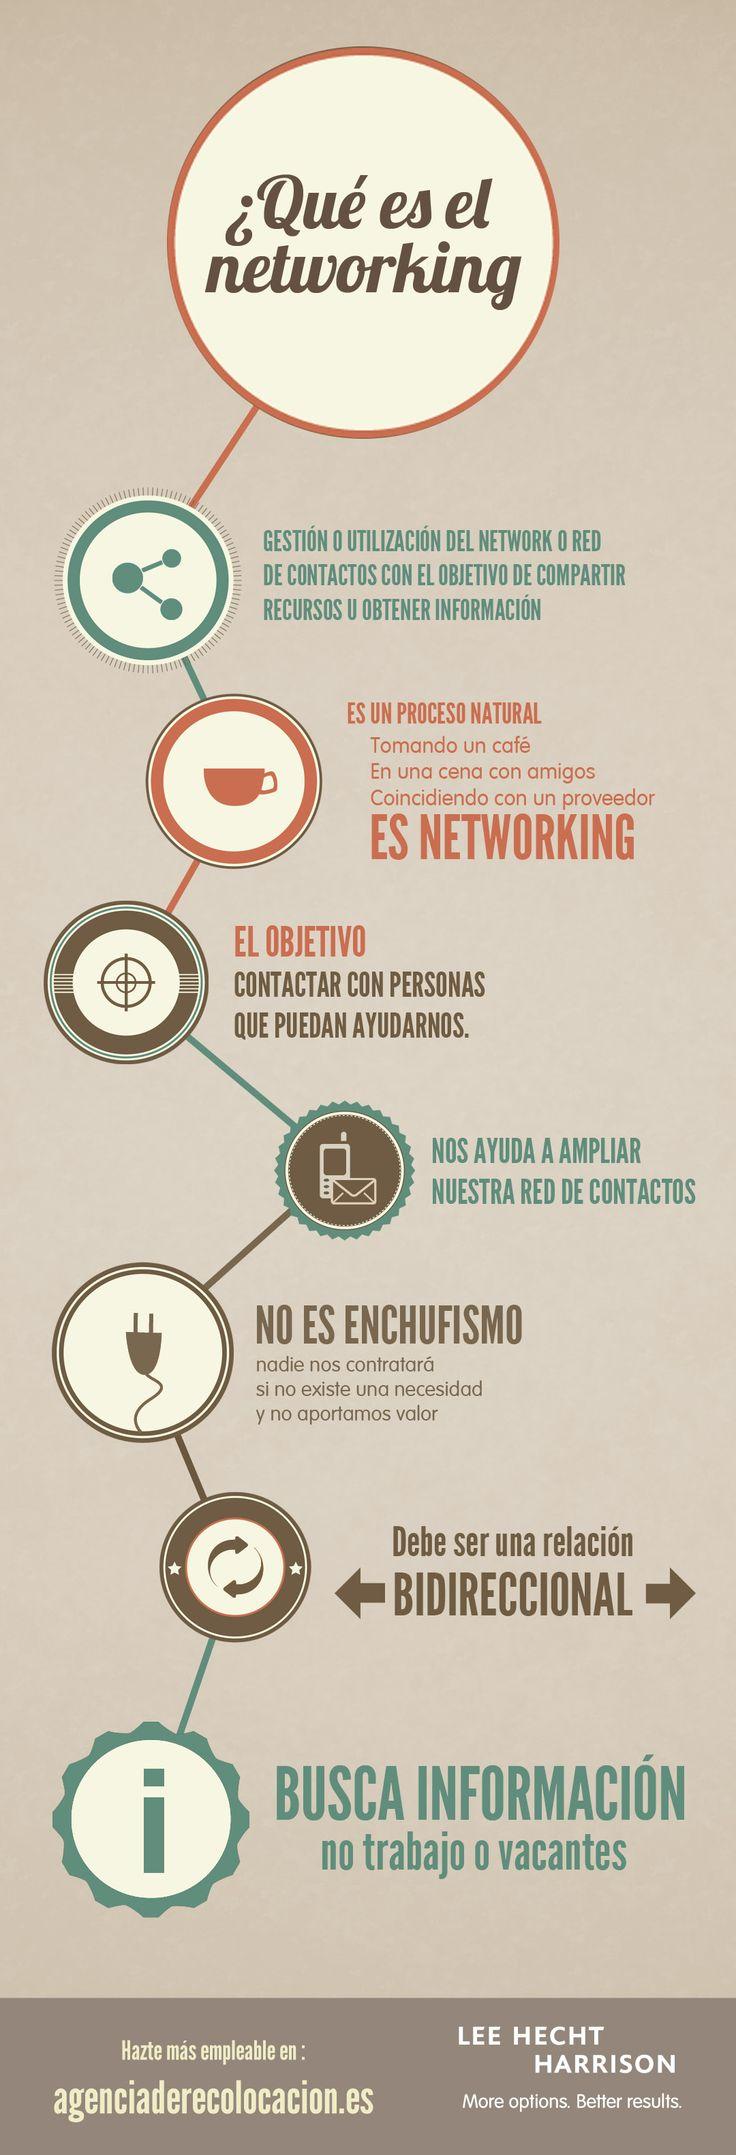 Qué es el networking #infografia